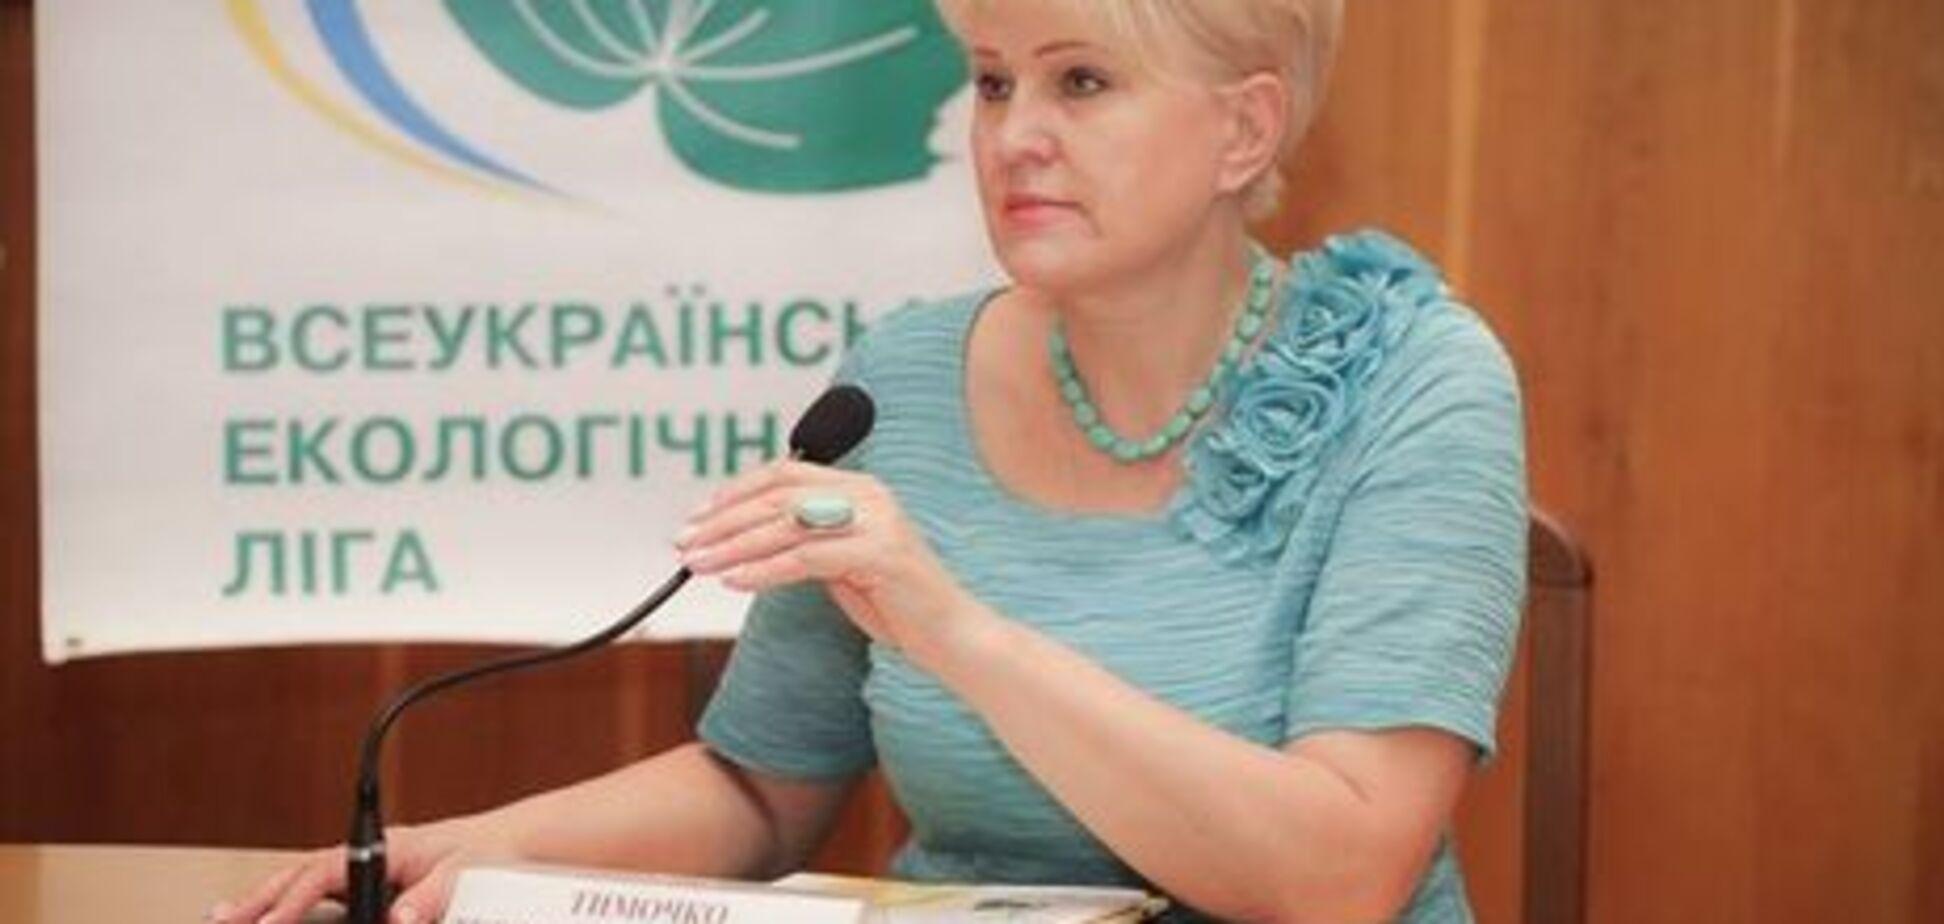 Затопление шахт на Донбассе: эколог раскрыла масштабы экологической катастрофы